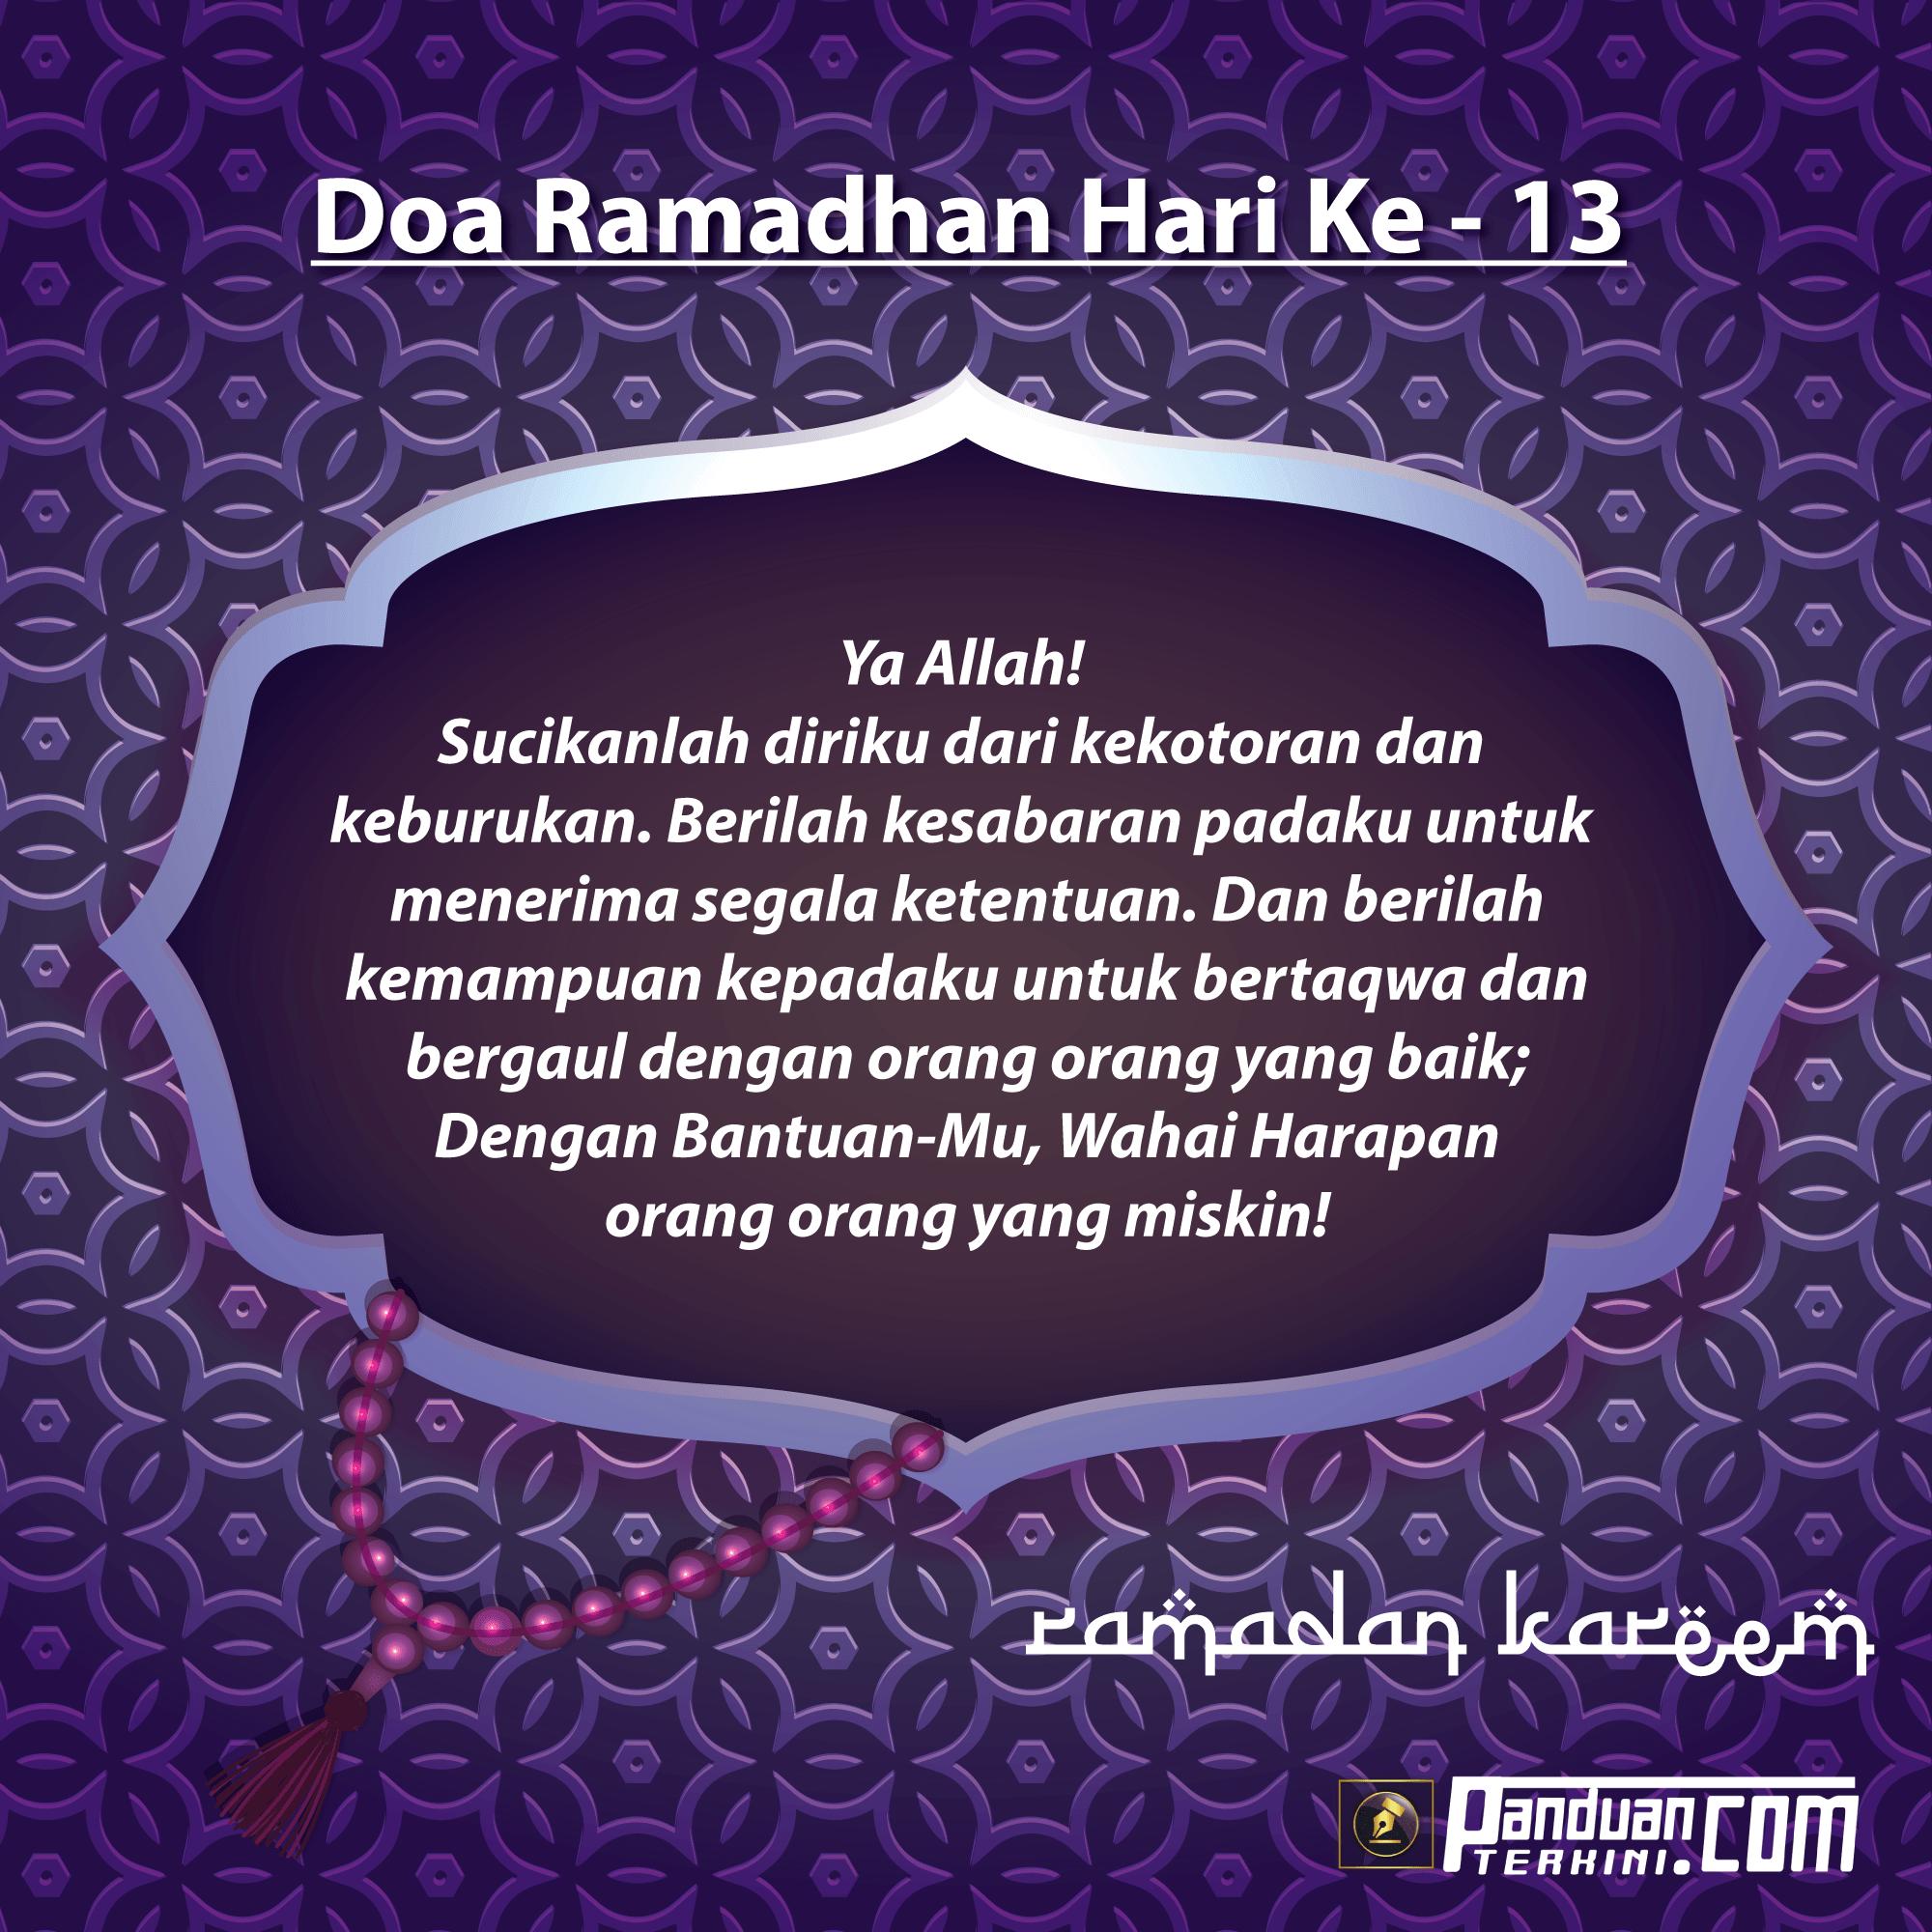 Doa Ramadhan Hari Ke-13